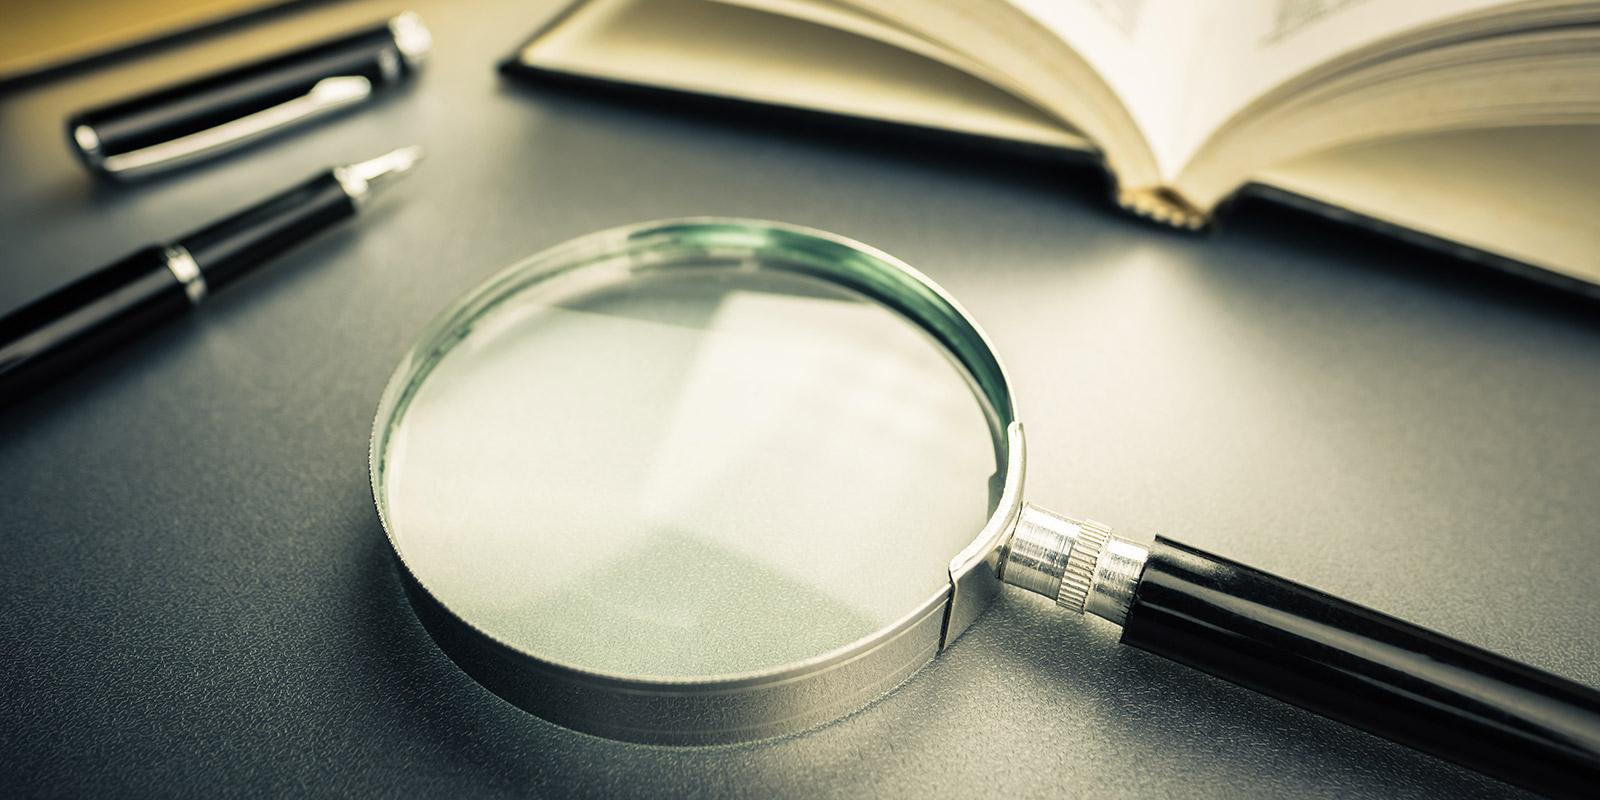 Anuita, bonita, LTV a DSTI. Těmto pojmům se při žádosti o hypotéku určitě nevyhnete, co znamenají?